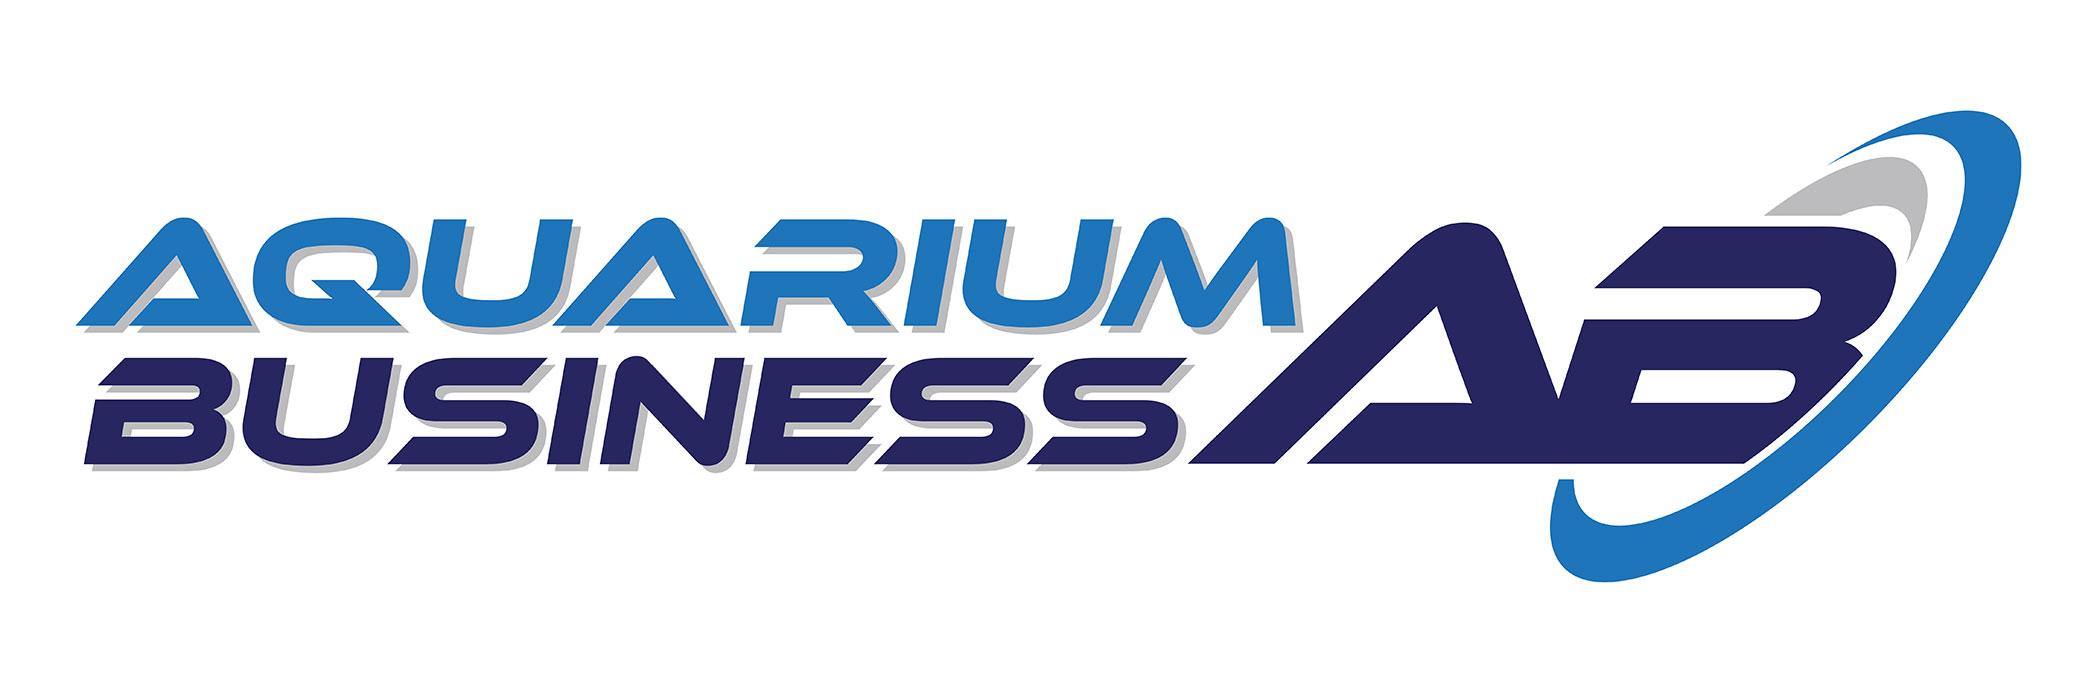 aquarium business logo